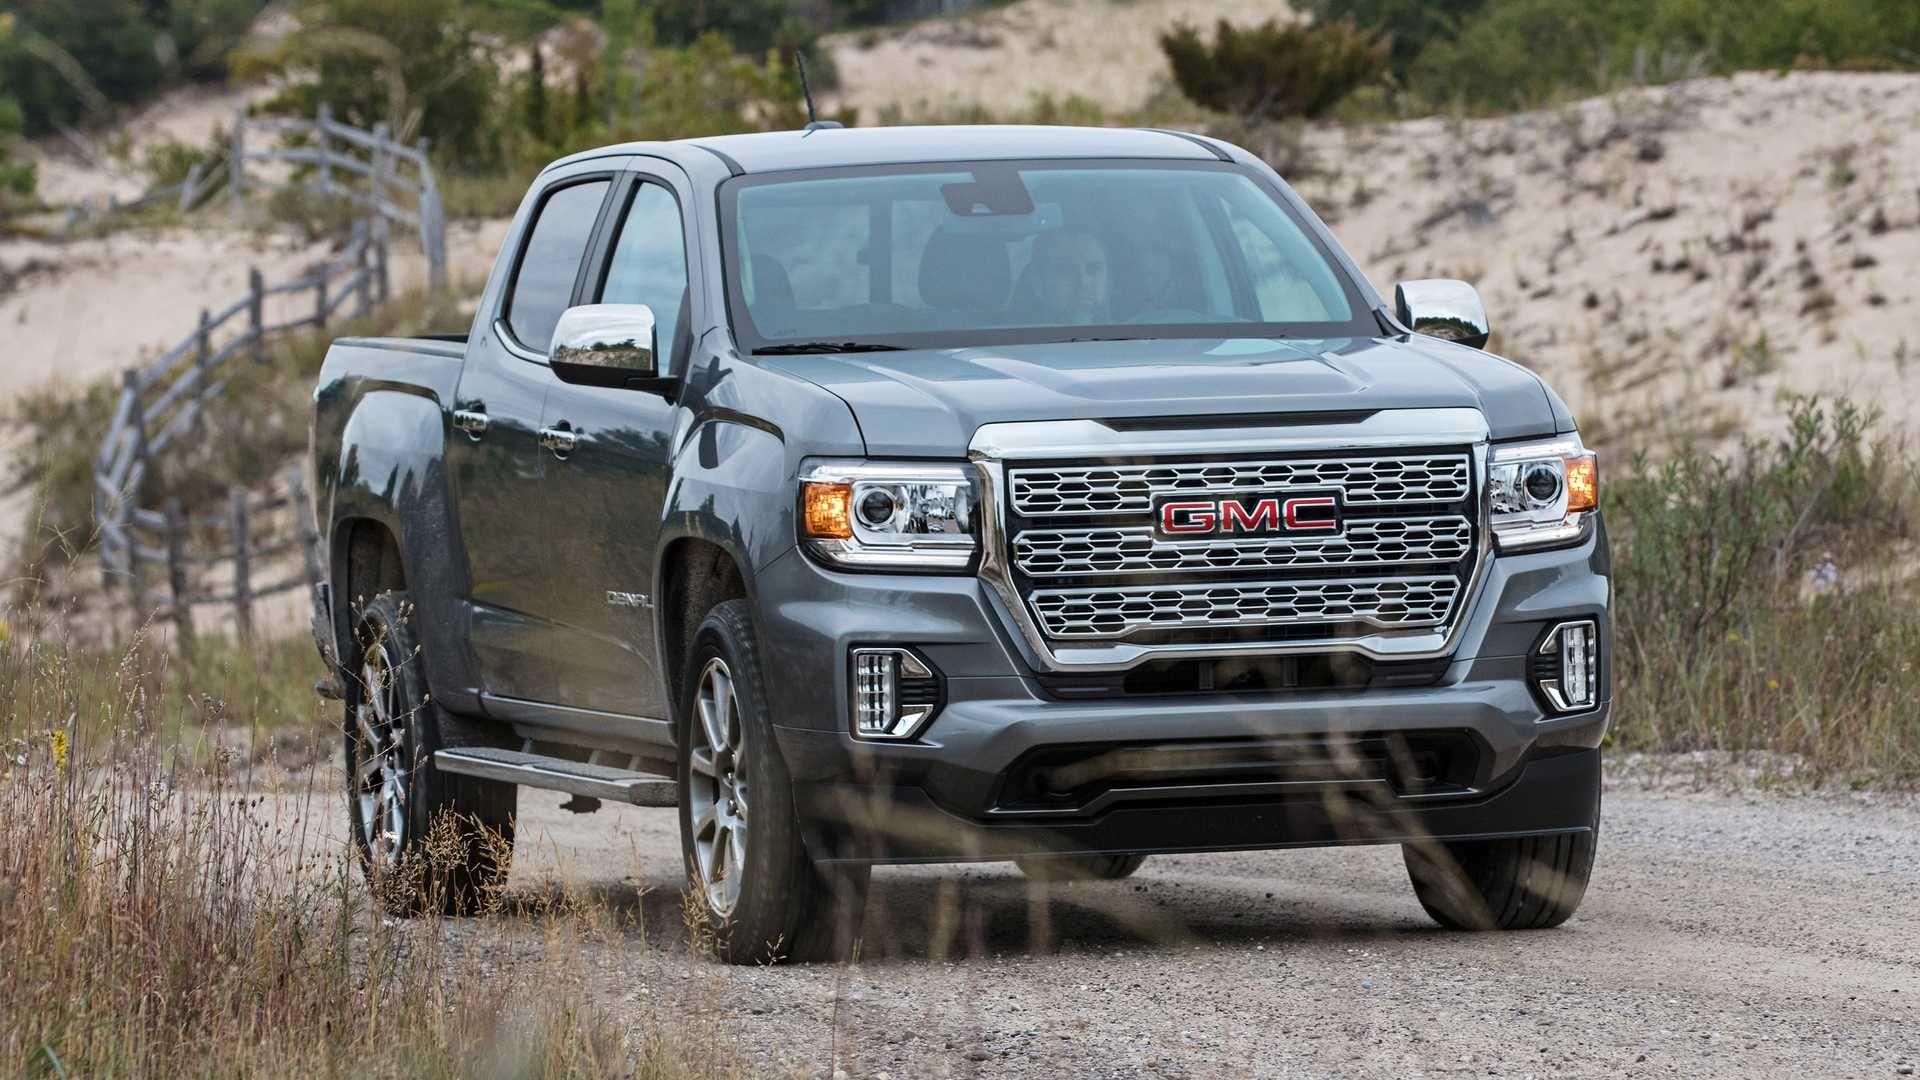 Gmc Reveals The 2021 Canyon Denali S Heroic Grille In 2020 Gmc Canyon Chevrolet Colorado Gmc